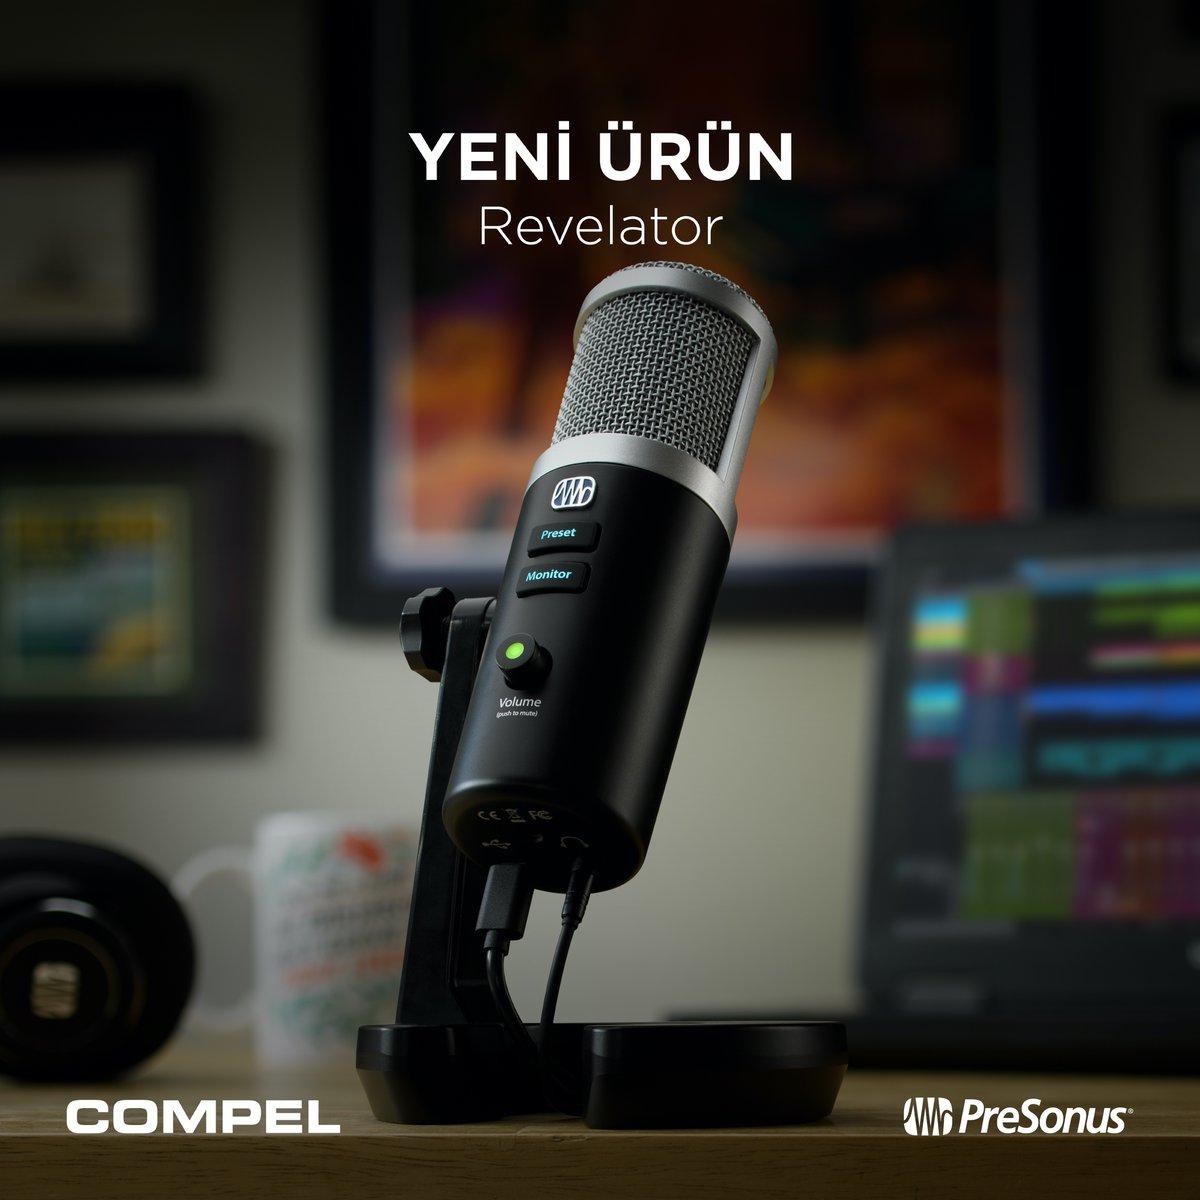 🆕 Canlı yayın, vlog, podcast ya da ev stüdyosunda seslendirme kayıtları için basit bir çözüm arayanların kolaylıkla profesyonel sonuçlar almasını sağlayacak USB mikrofon @PreSonus Revelator stoklarımızda 😊 Detaylı bilgi için 👉  🔗 #Compel #PreSonus